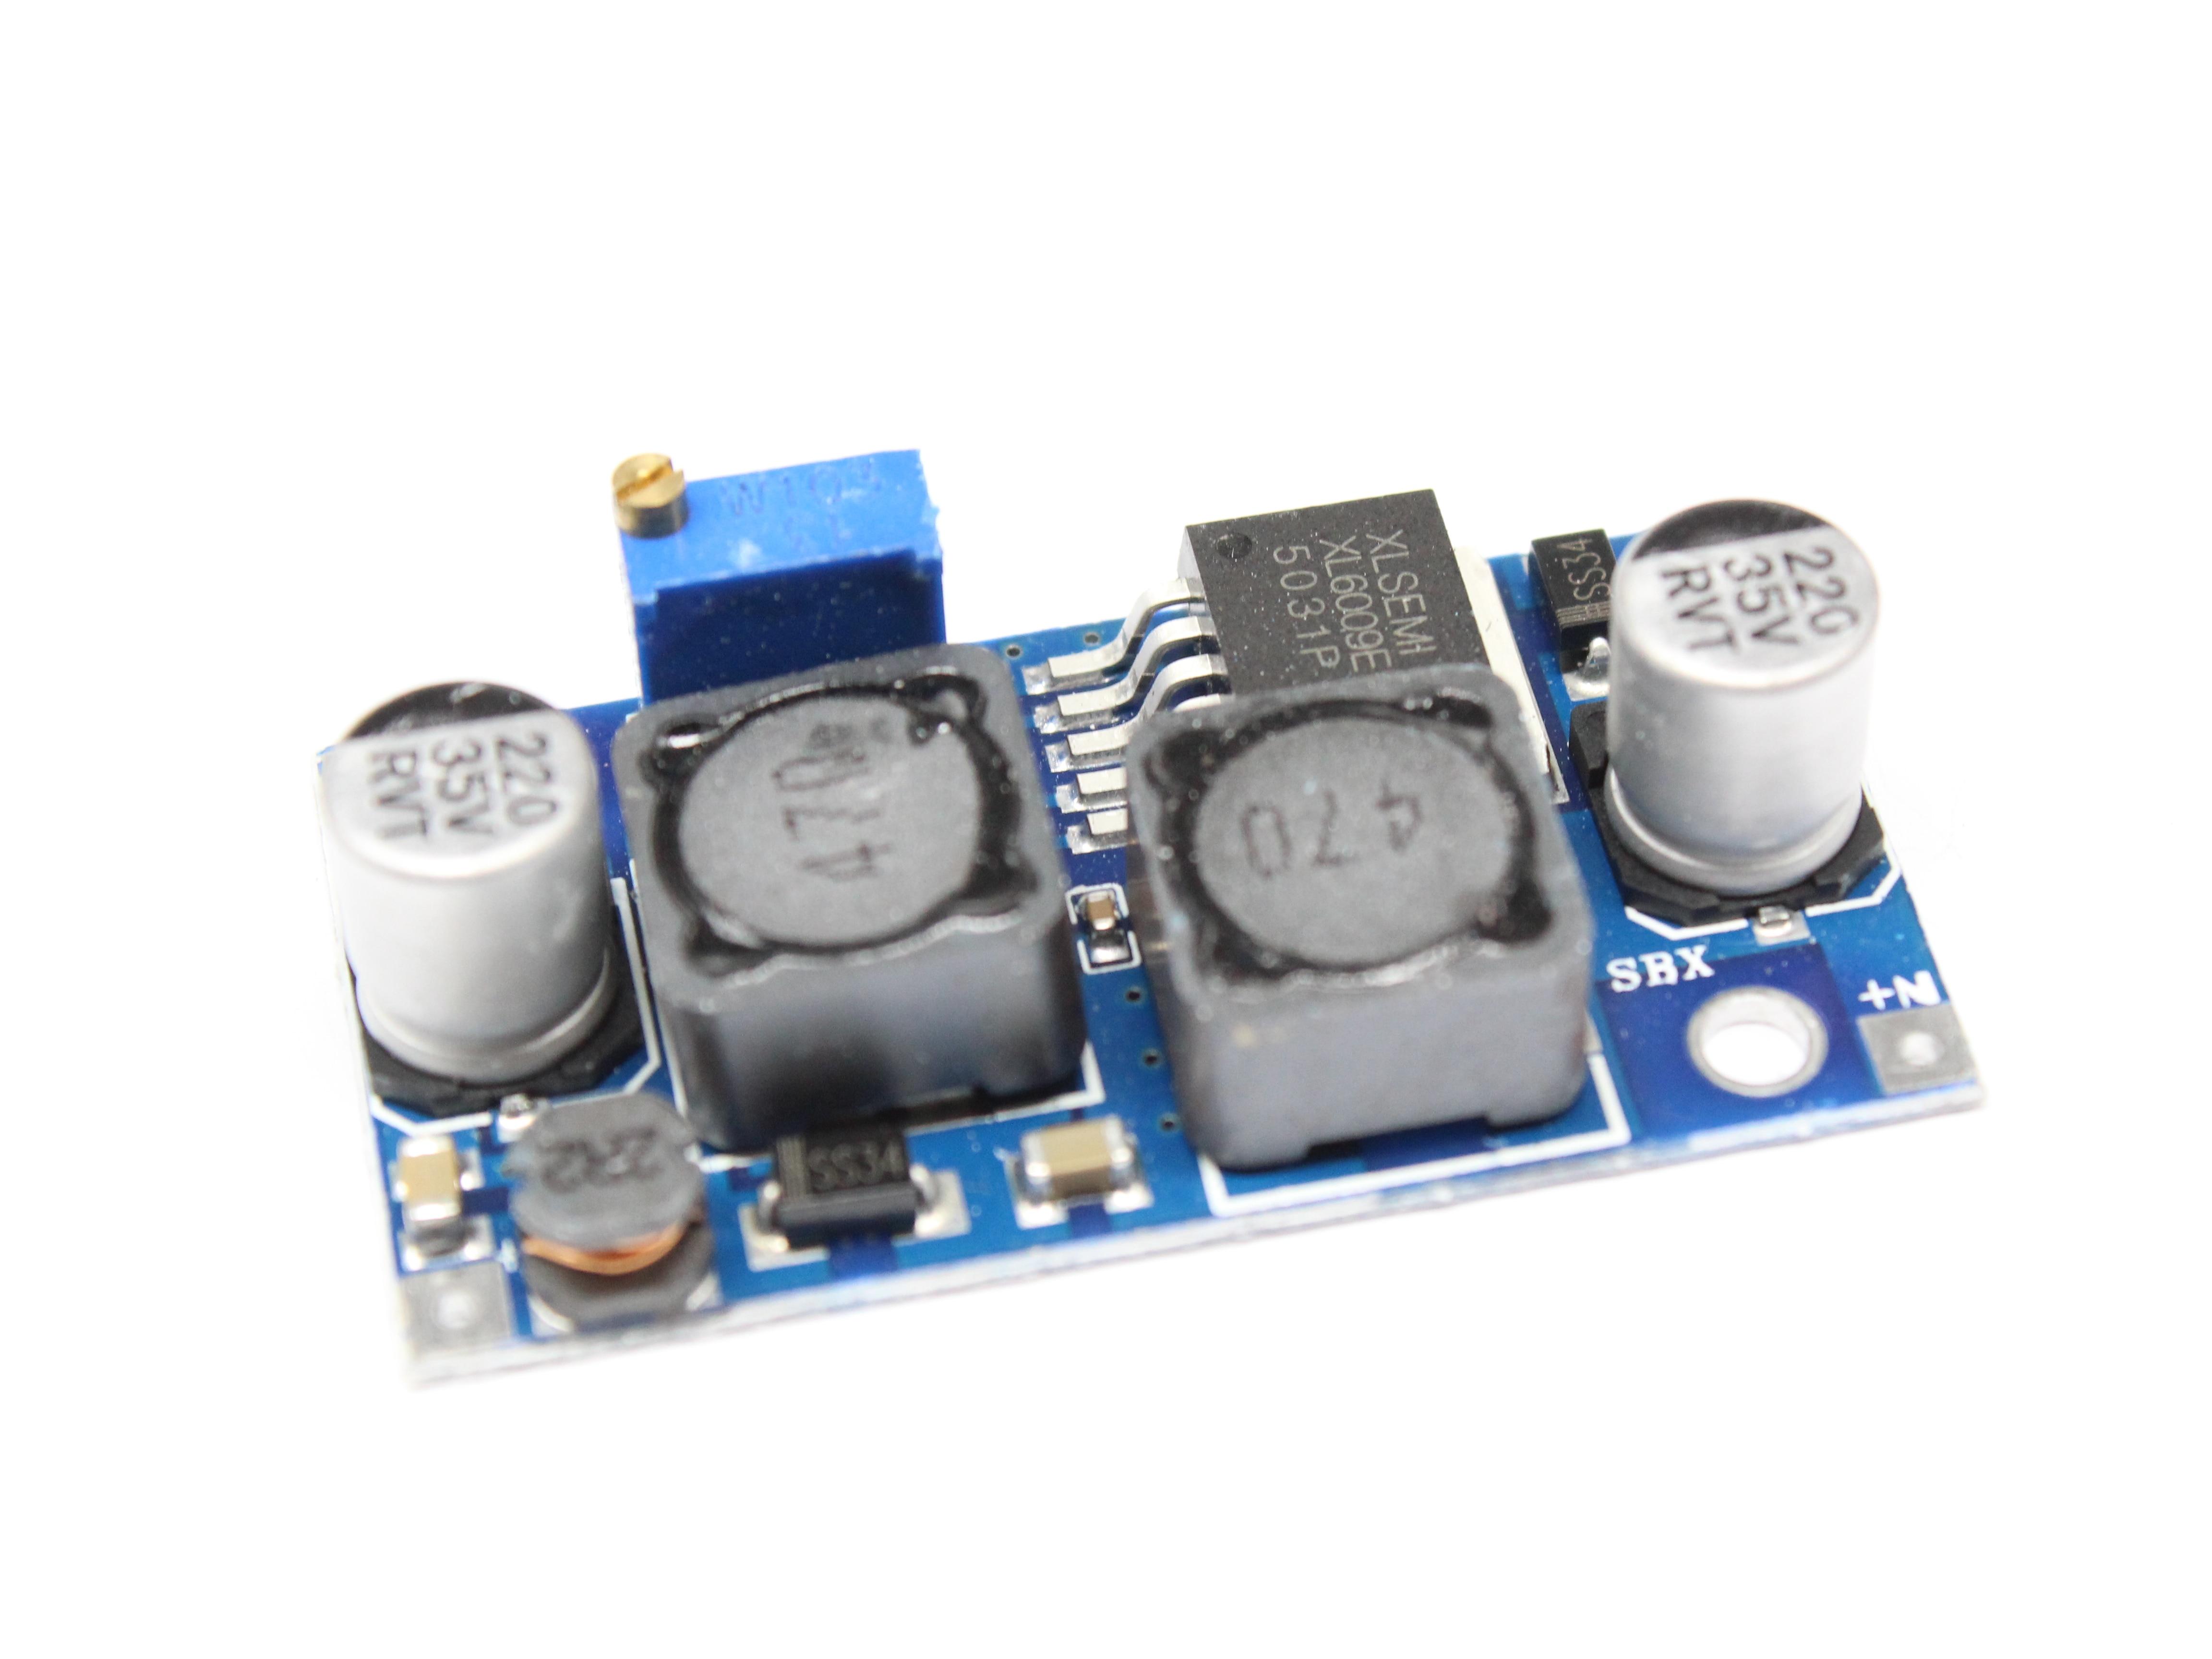 Регулируемый понижающий модуль преобразователя XL6009 с автоматическим усилением, солнечная плата напряжения 1,25-36 в, переключатель MOSFET dsn6000audi